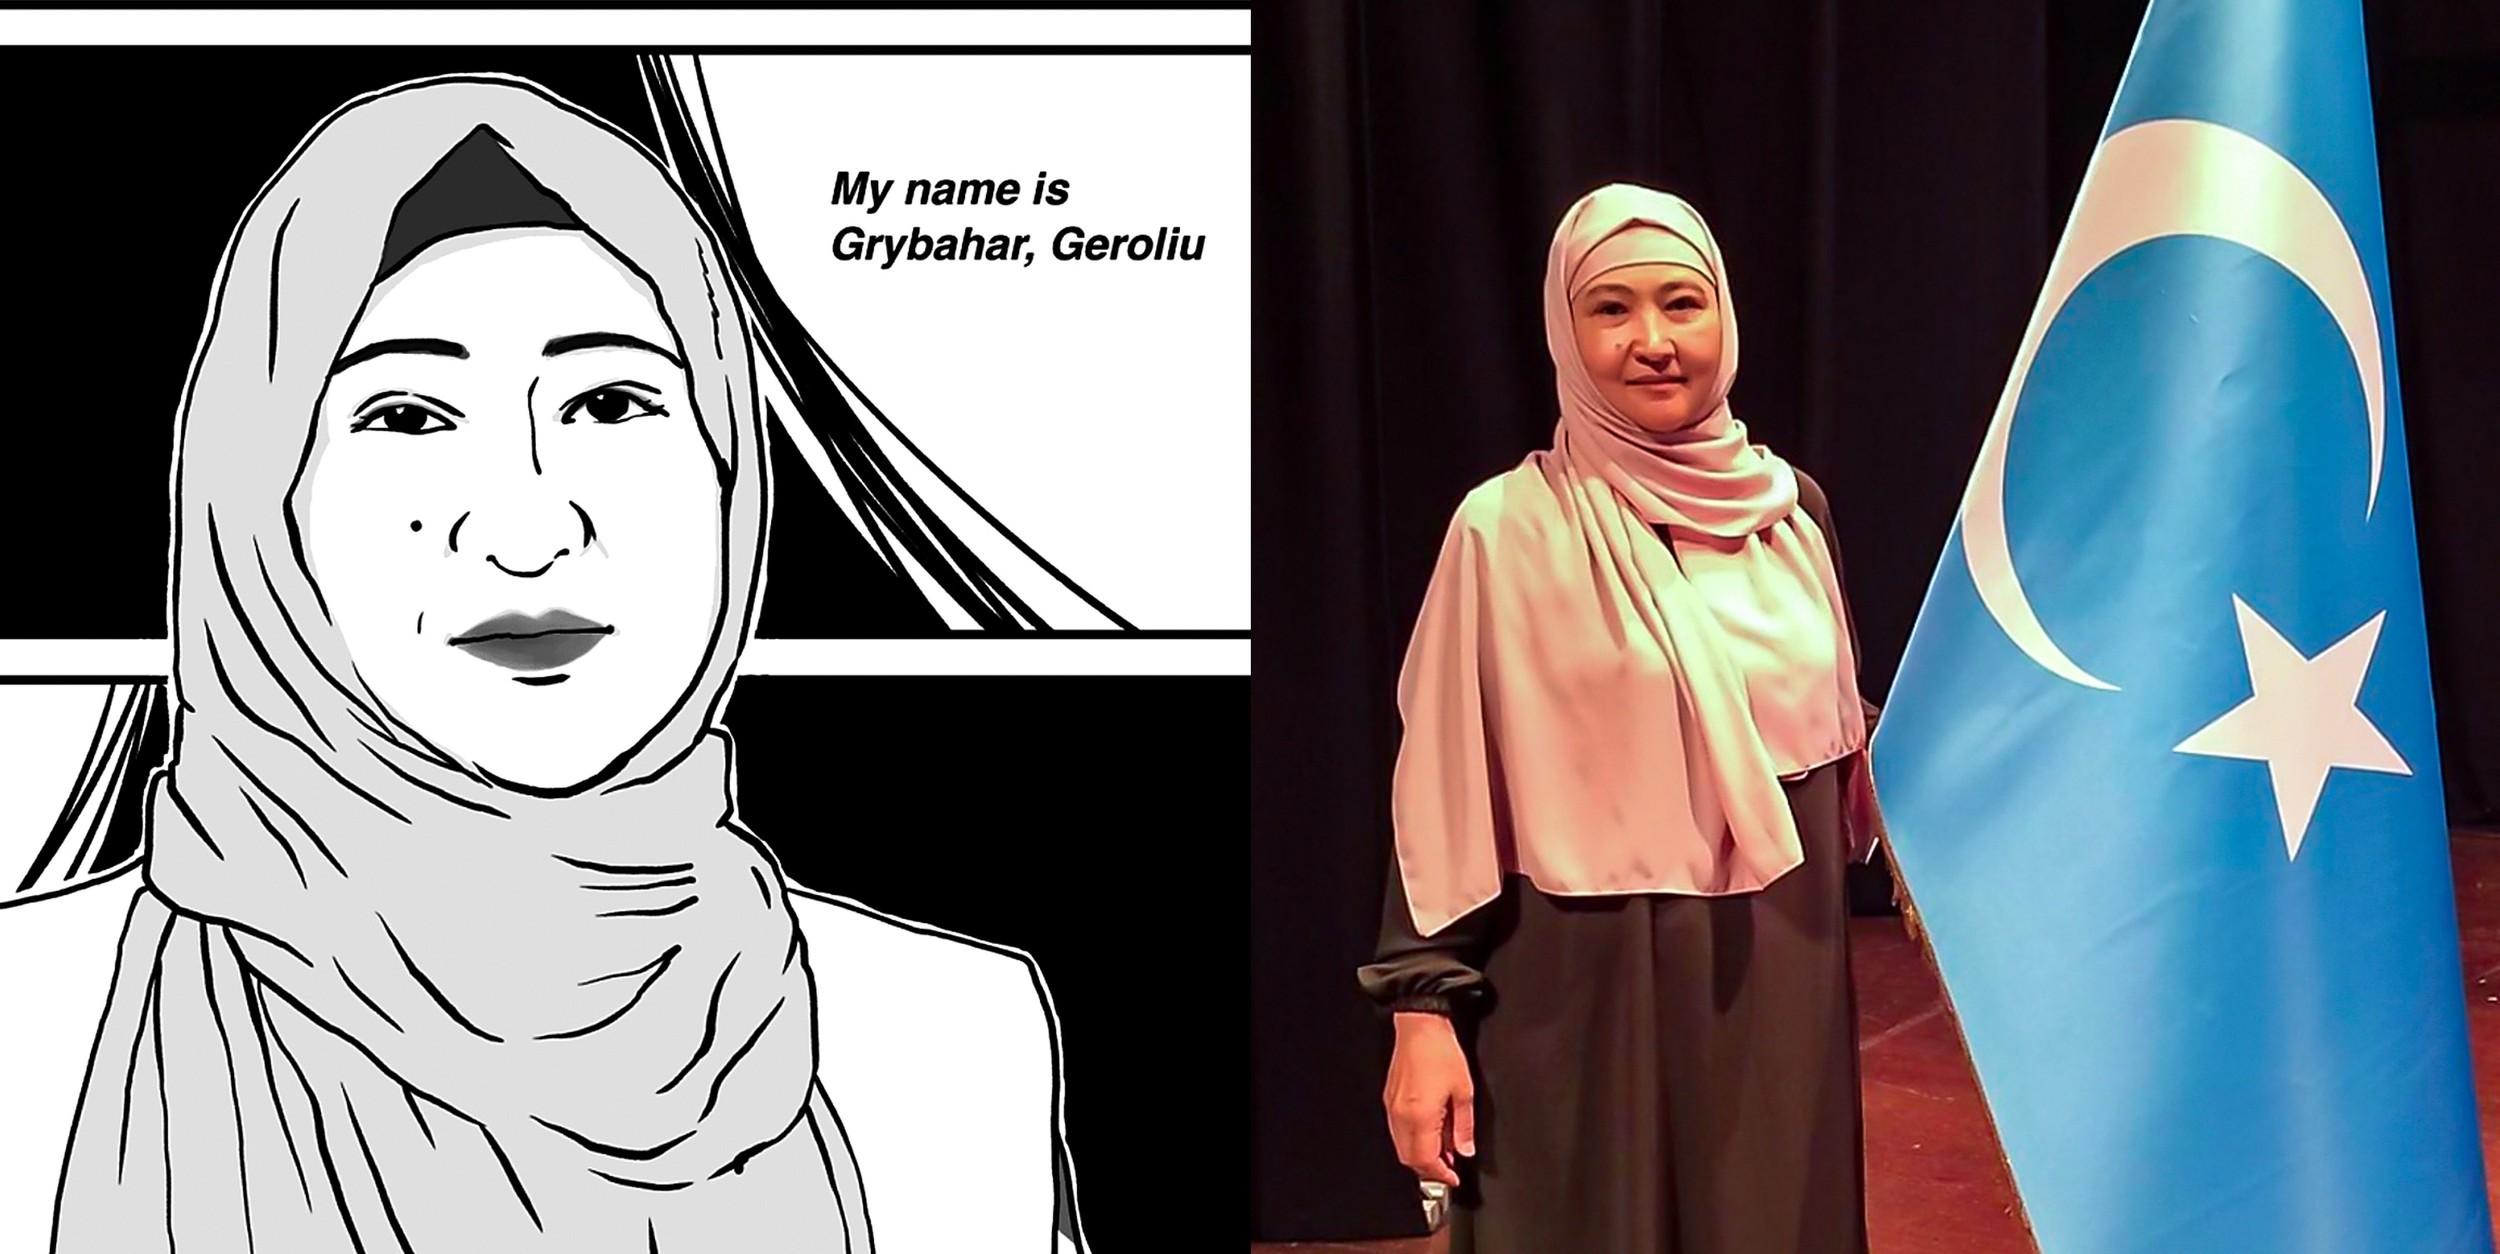 Gulbahar Jelilova in Tomomi Shimizu's manga and in an undated photo.